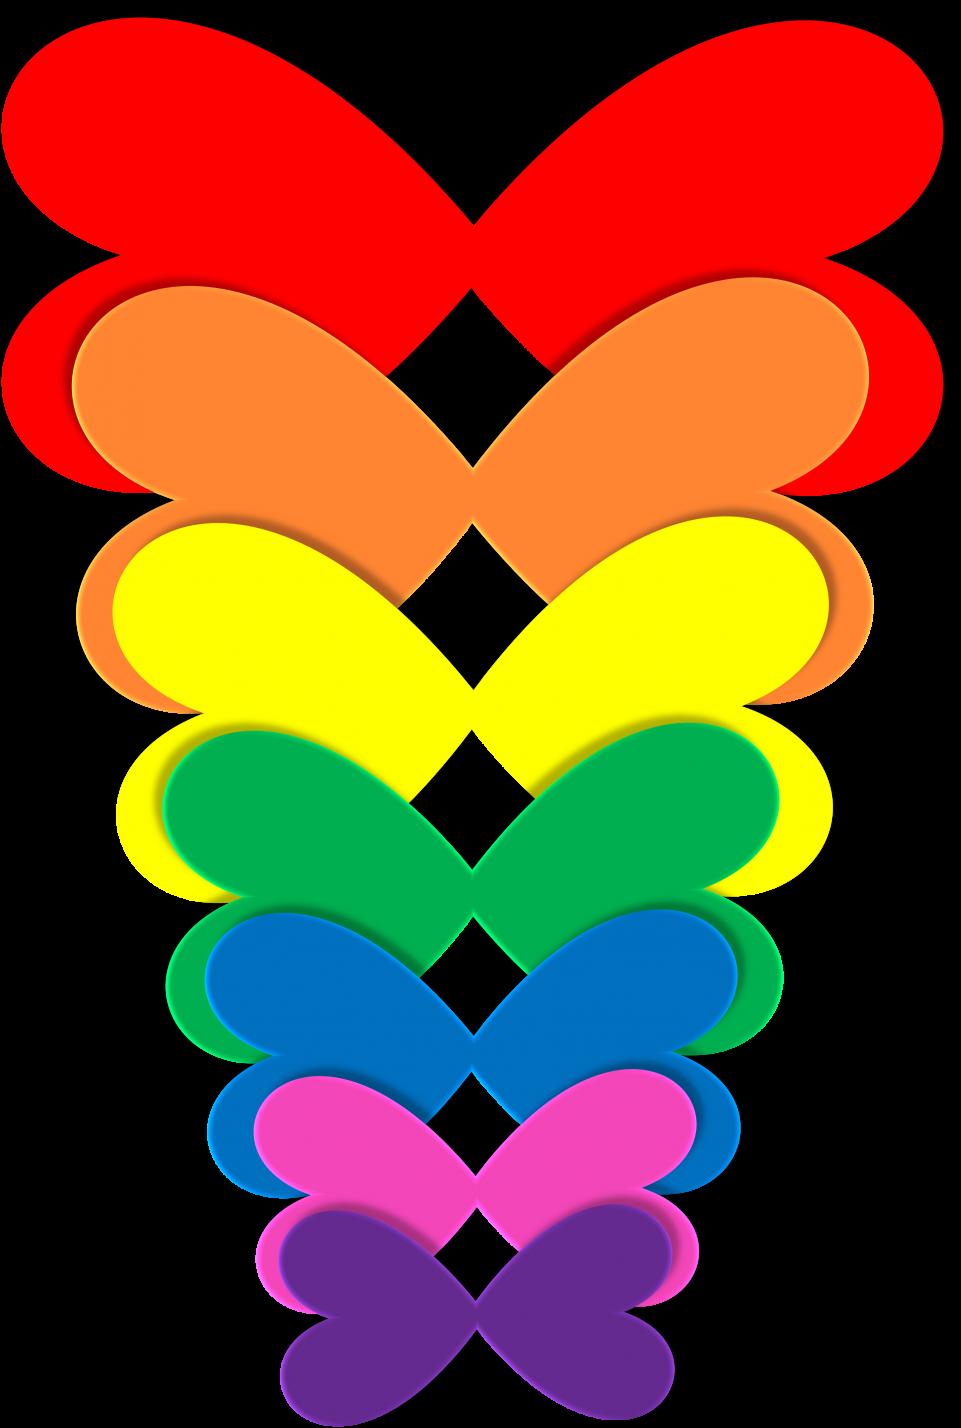 Color Spectrum PNG Image